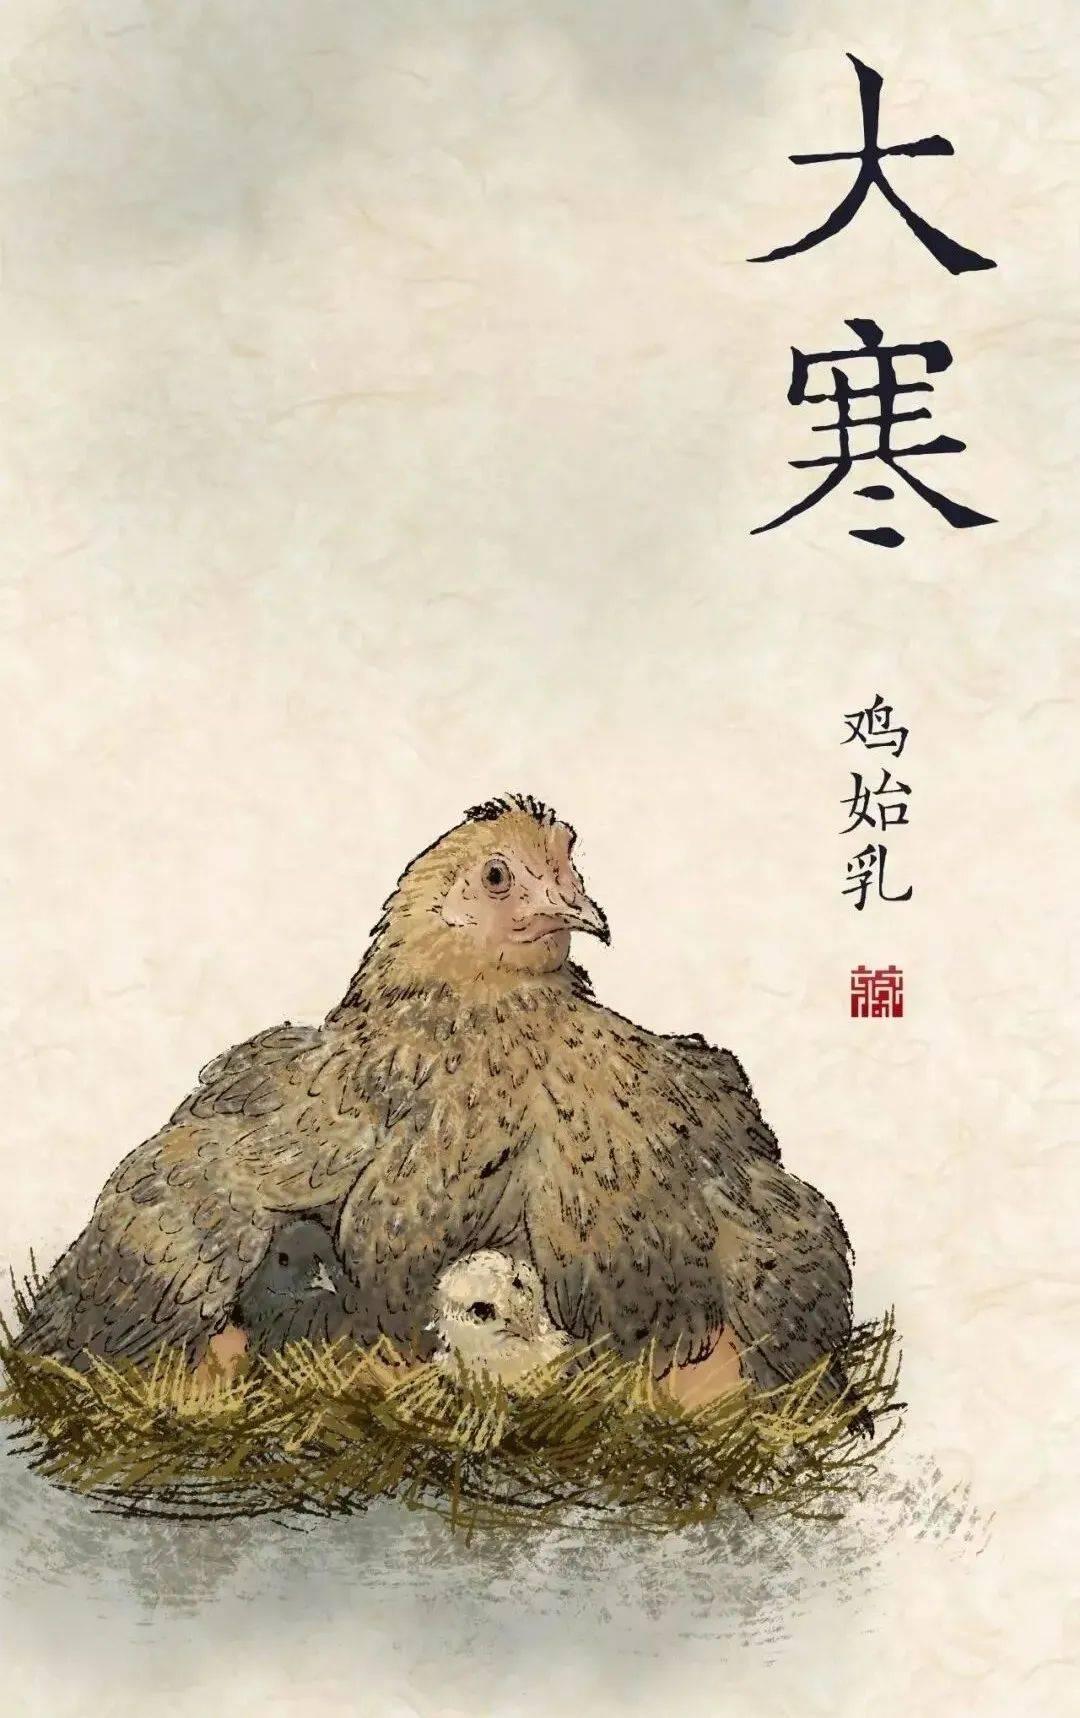 高德平台代理开户【荐读】大寒逢腊八,锅粥解寒意